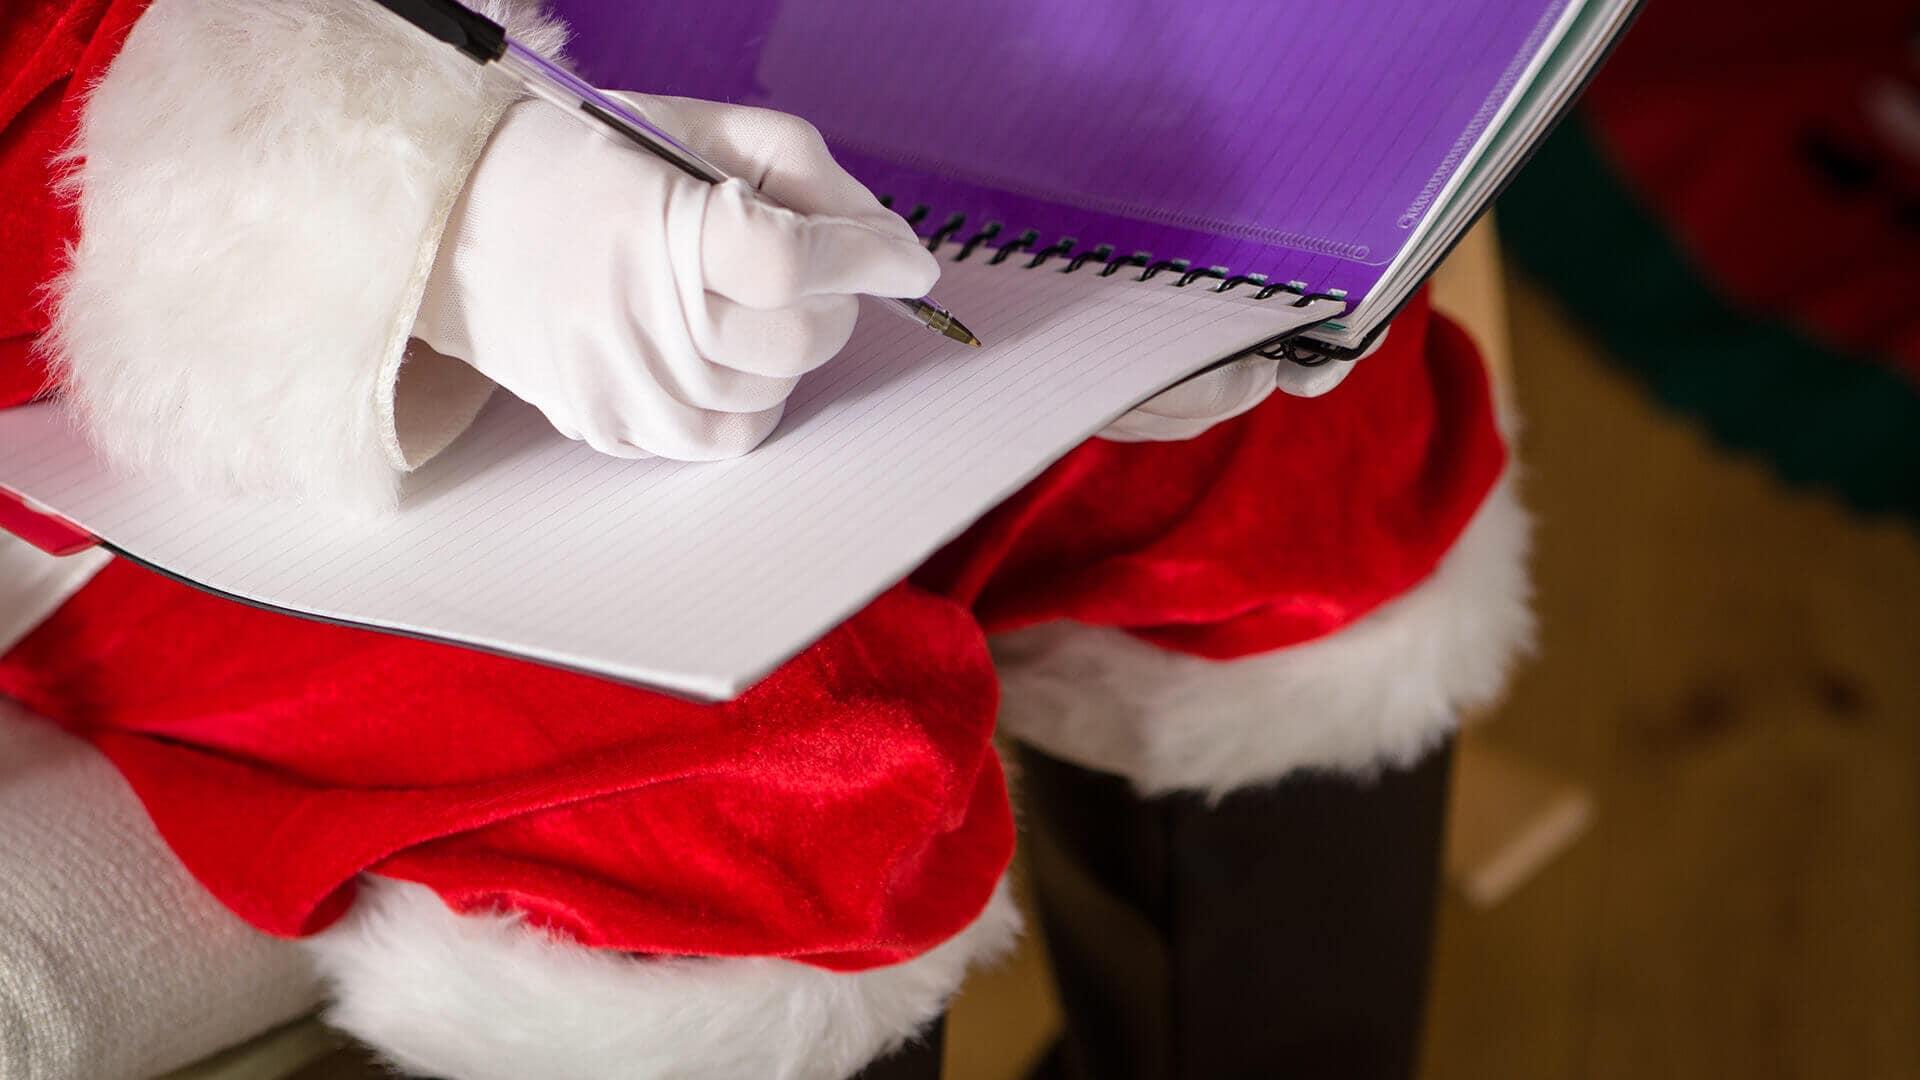 santa-list-naughty-nice-gifts-christmas-holiday-ss-1920